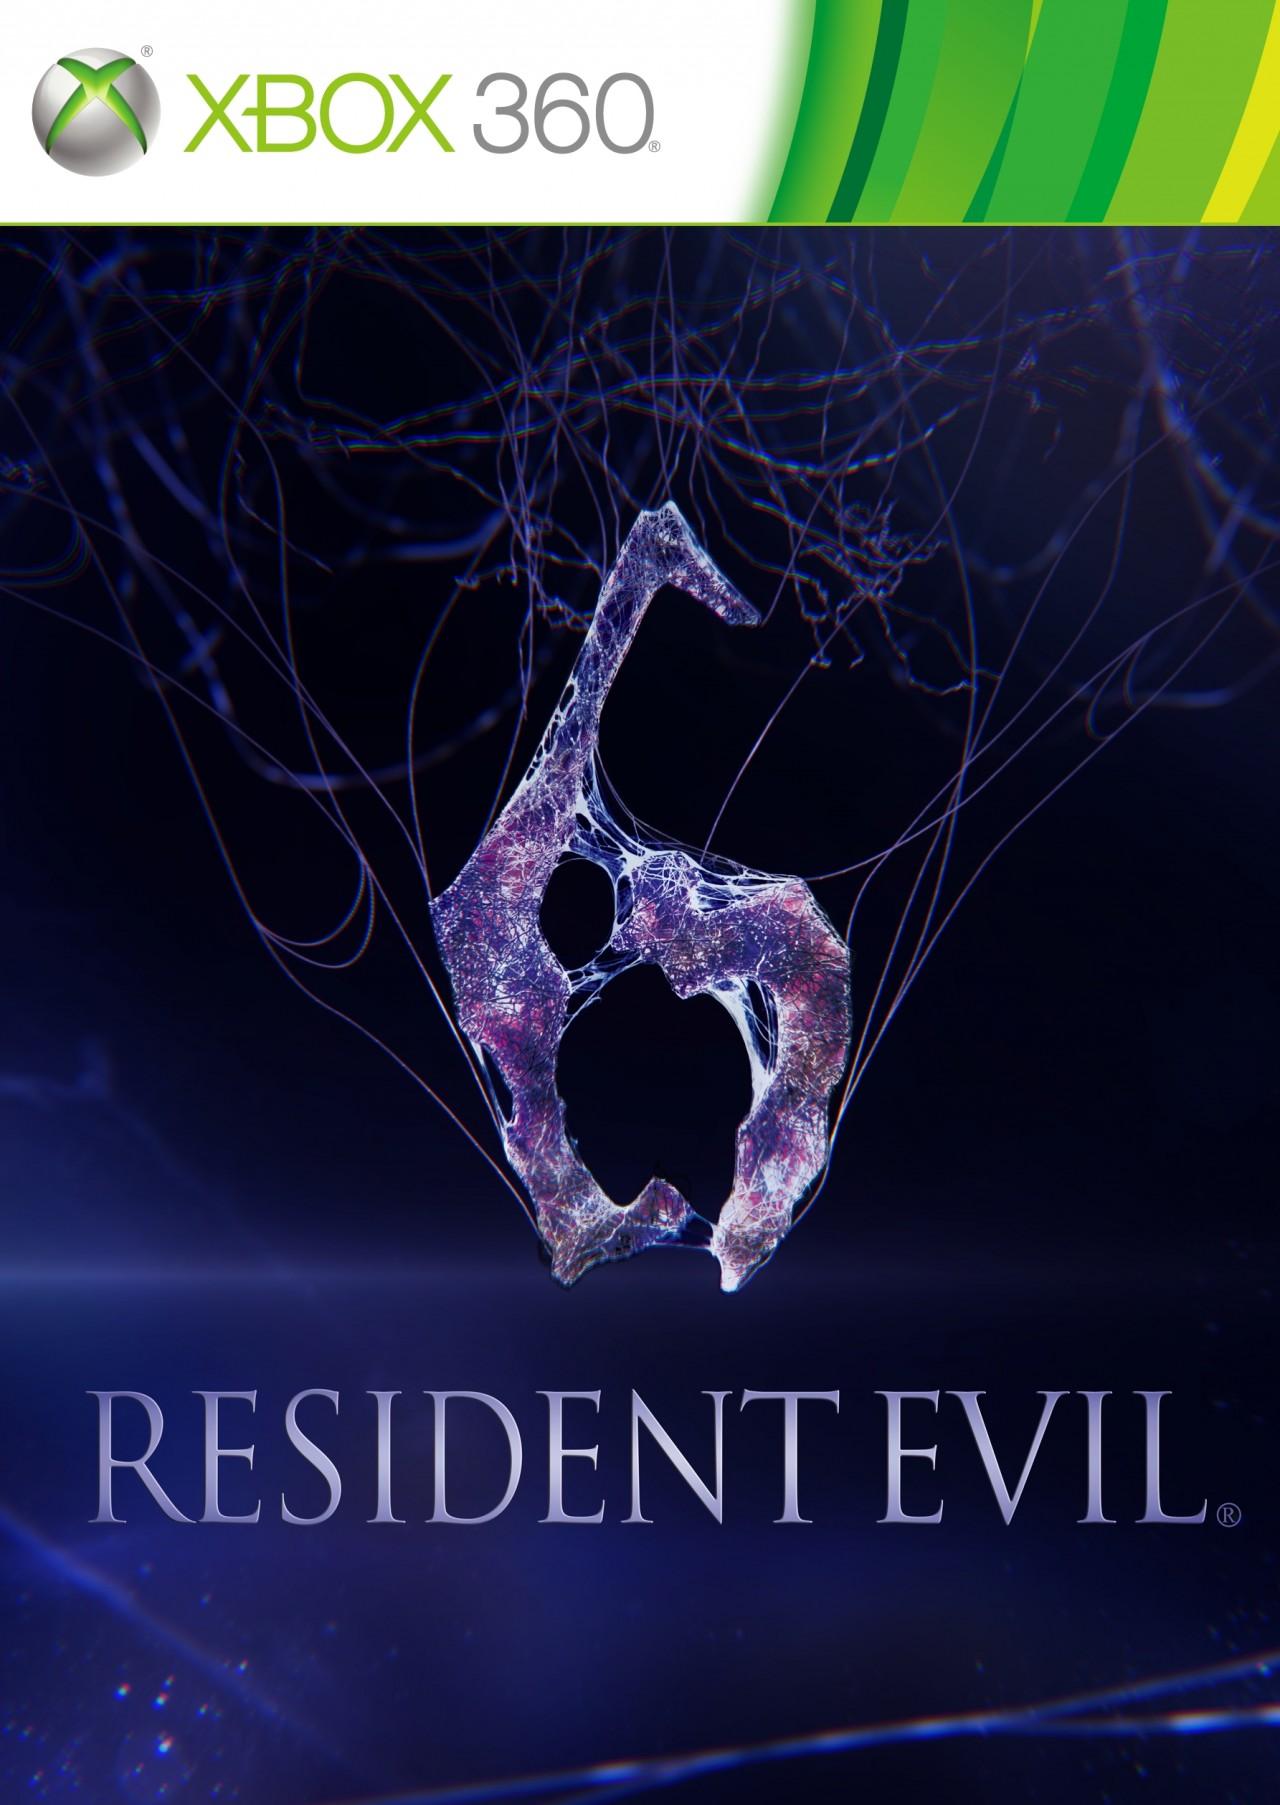 Resident Evil 6 Resident-evil-6-jaquette-4fcfa8fe305f7